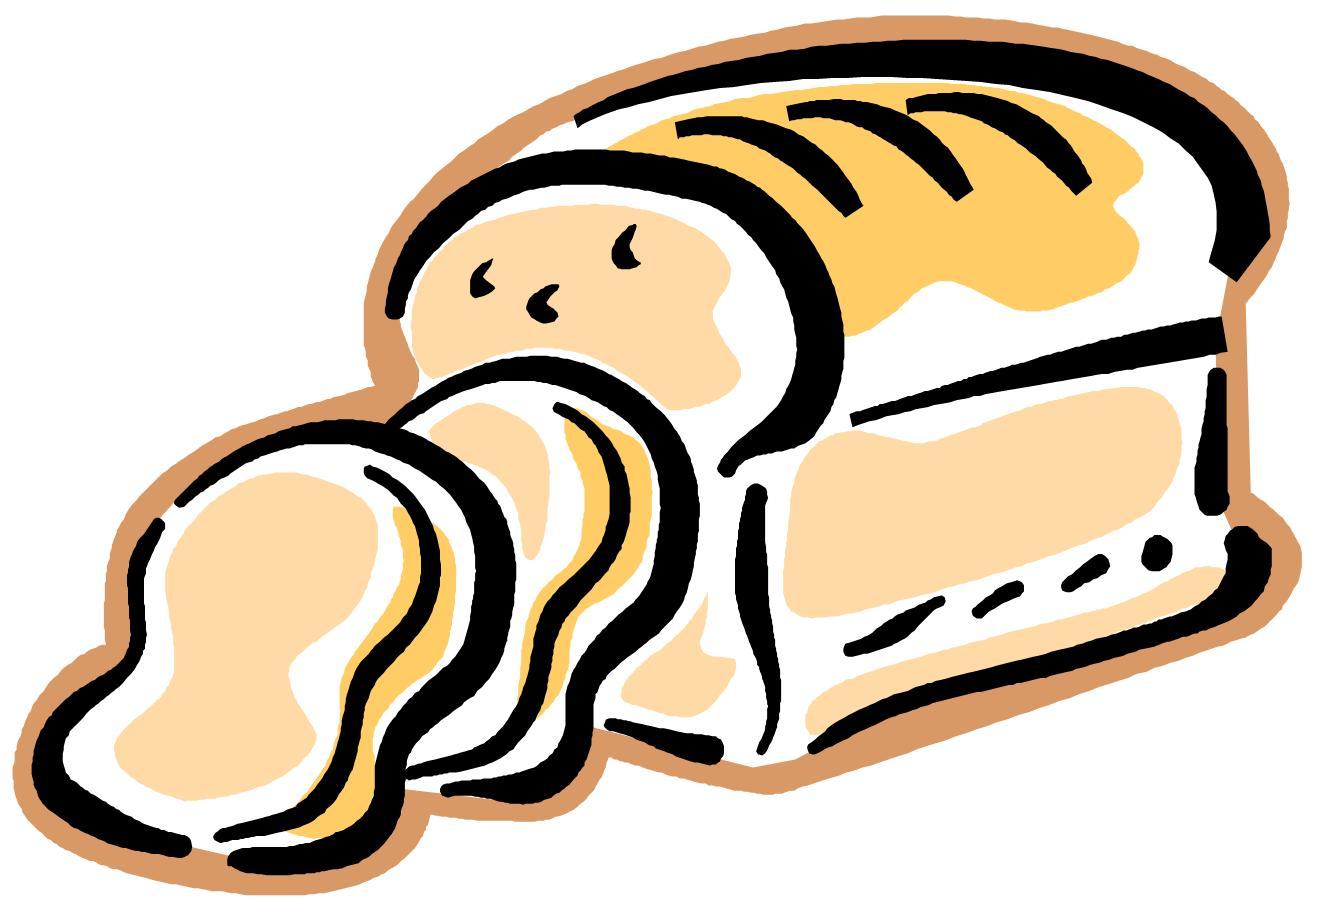 Zucchini bread clipart svg stock Bread clip art - ClipartFox svg stock